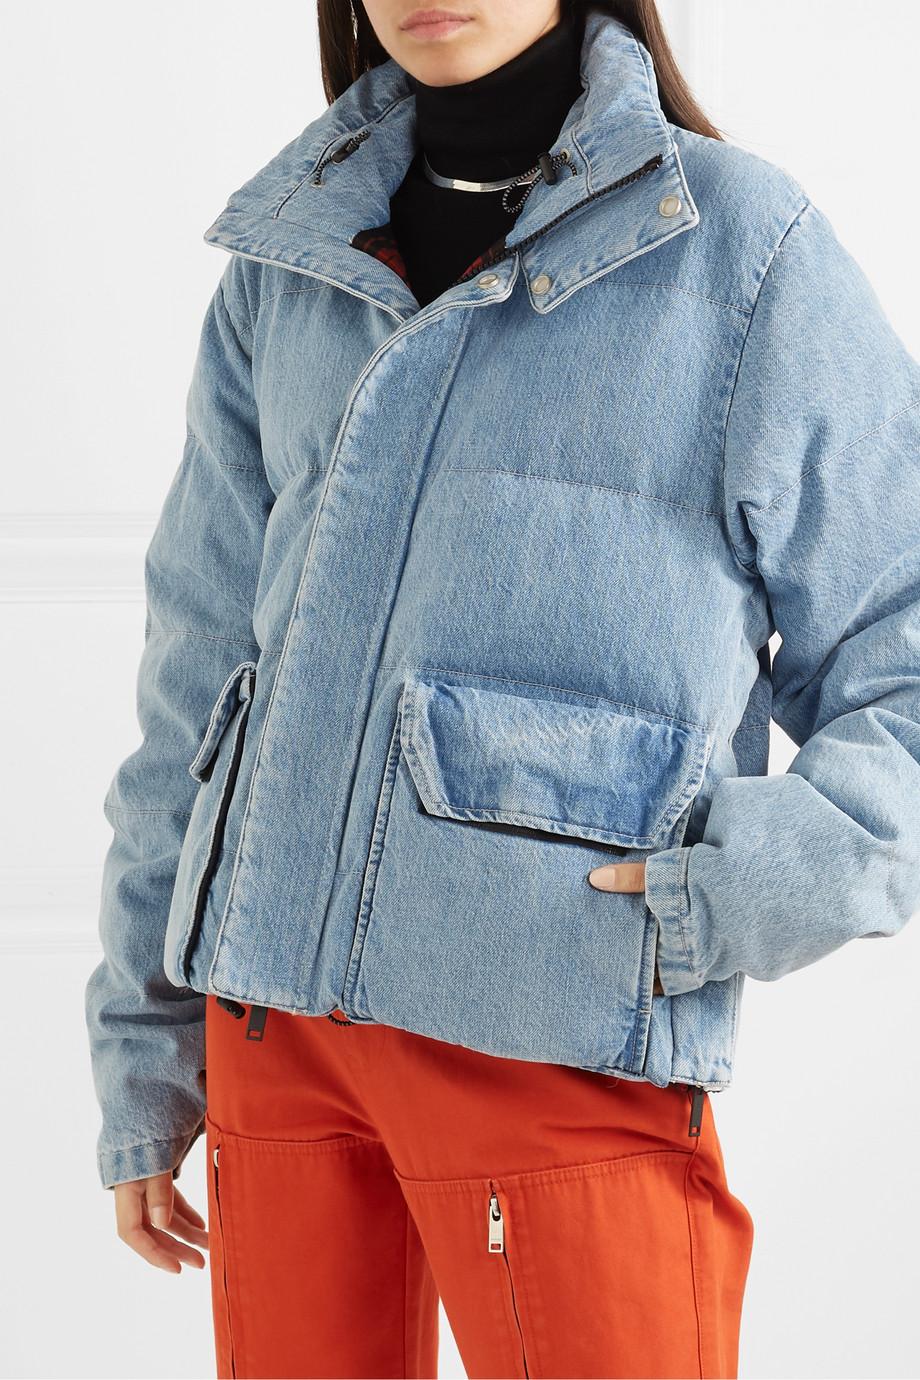 Blue Quilted Denim Coat Unravel Project In 2020 Denim Coat Vintage Denim Jacket Denim Details